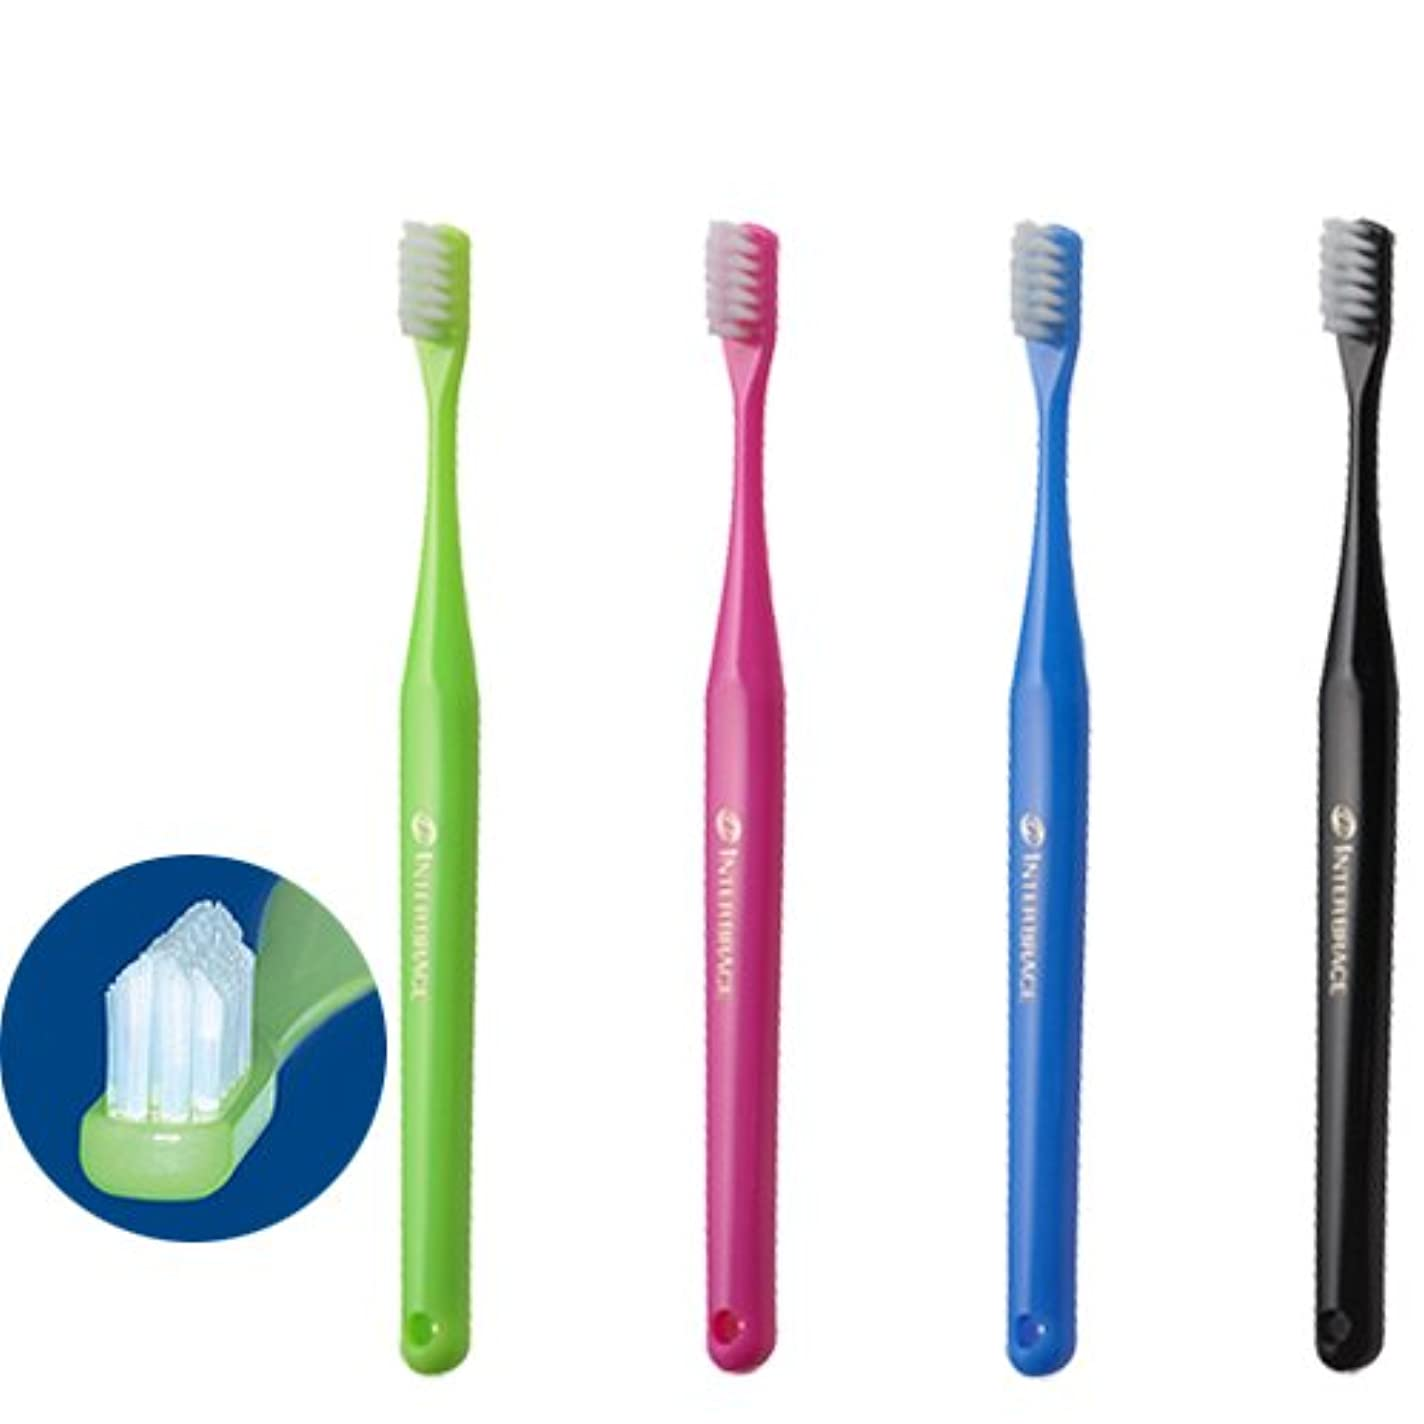 奨励戸棚事前にオーラルケア インターブレイス 矯正用 歯ブラシ×25本 アソート INTER BRACE